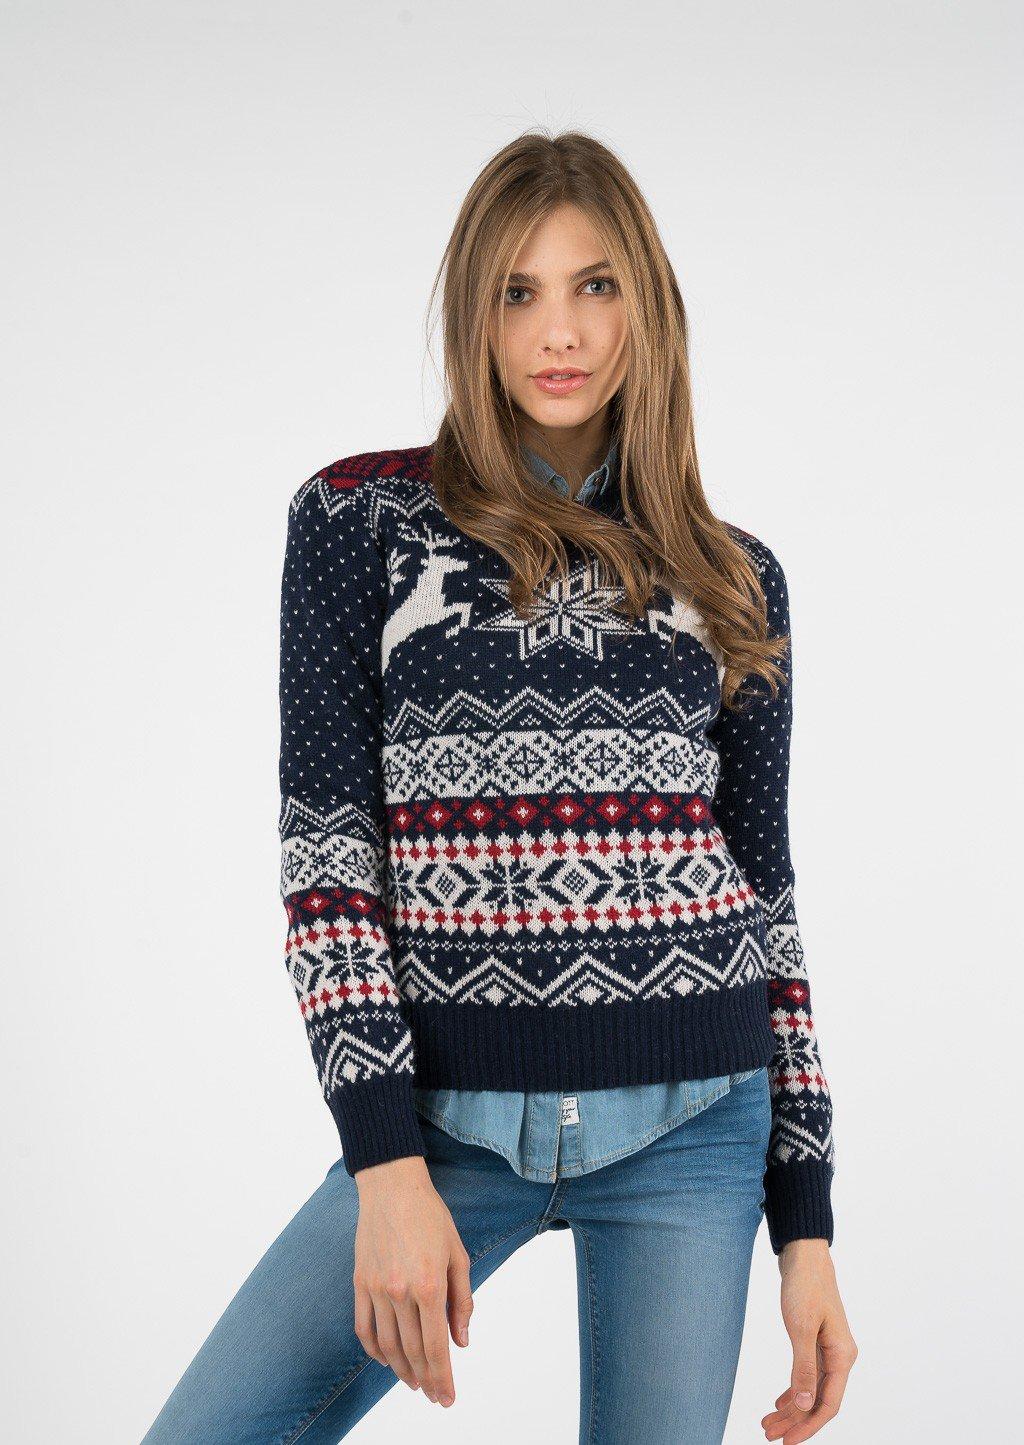 rivenditore all'ingrosso 43f54 b84eb Maglioni natalizi, le proposte più fashion per le feste ...